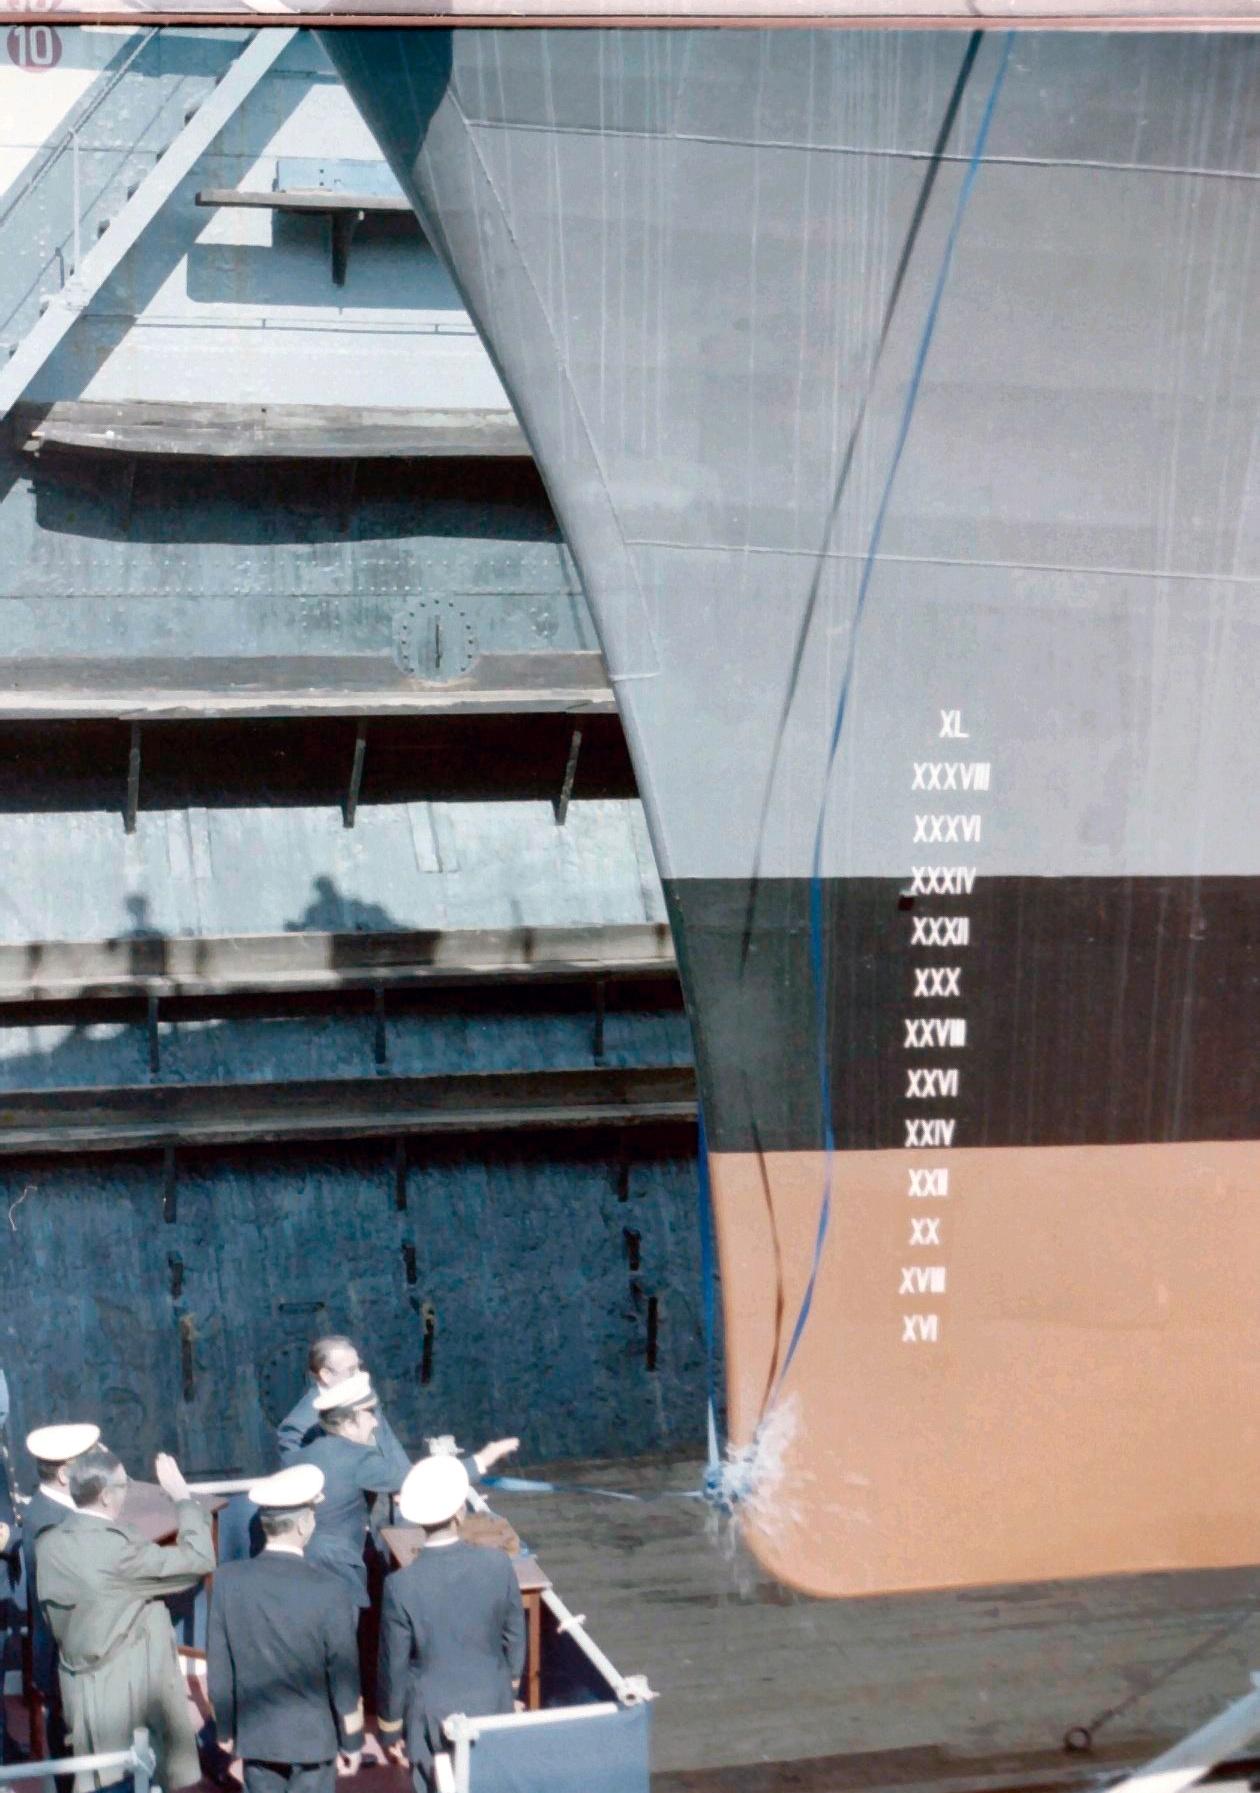 Royal Moroccan Navy Descubierta Frigate / Corvette Lt Cl Errahmani - Bâtiment École - Page 4 Clipb484